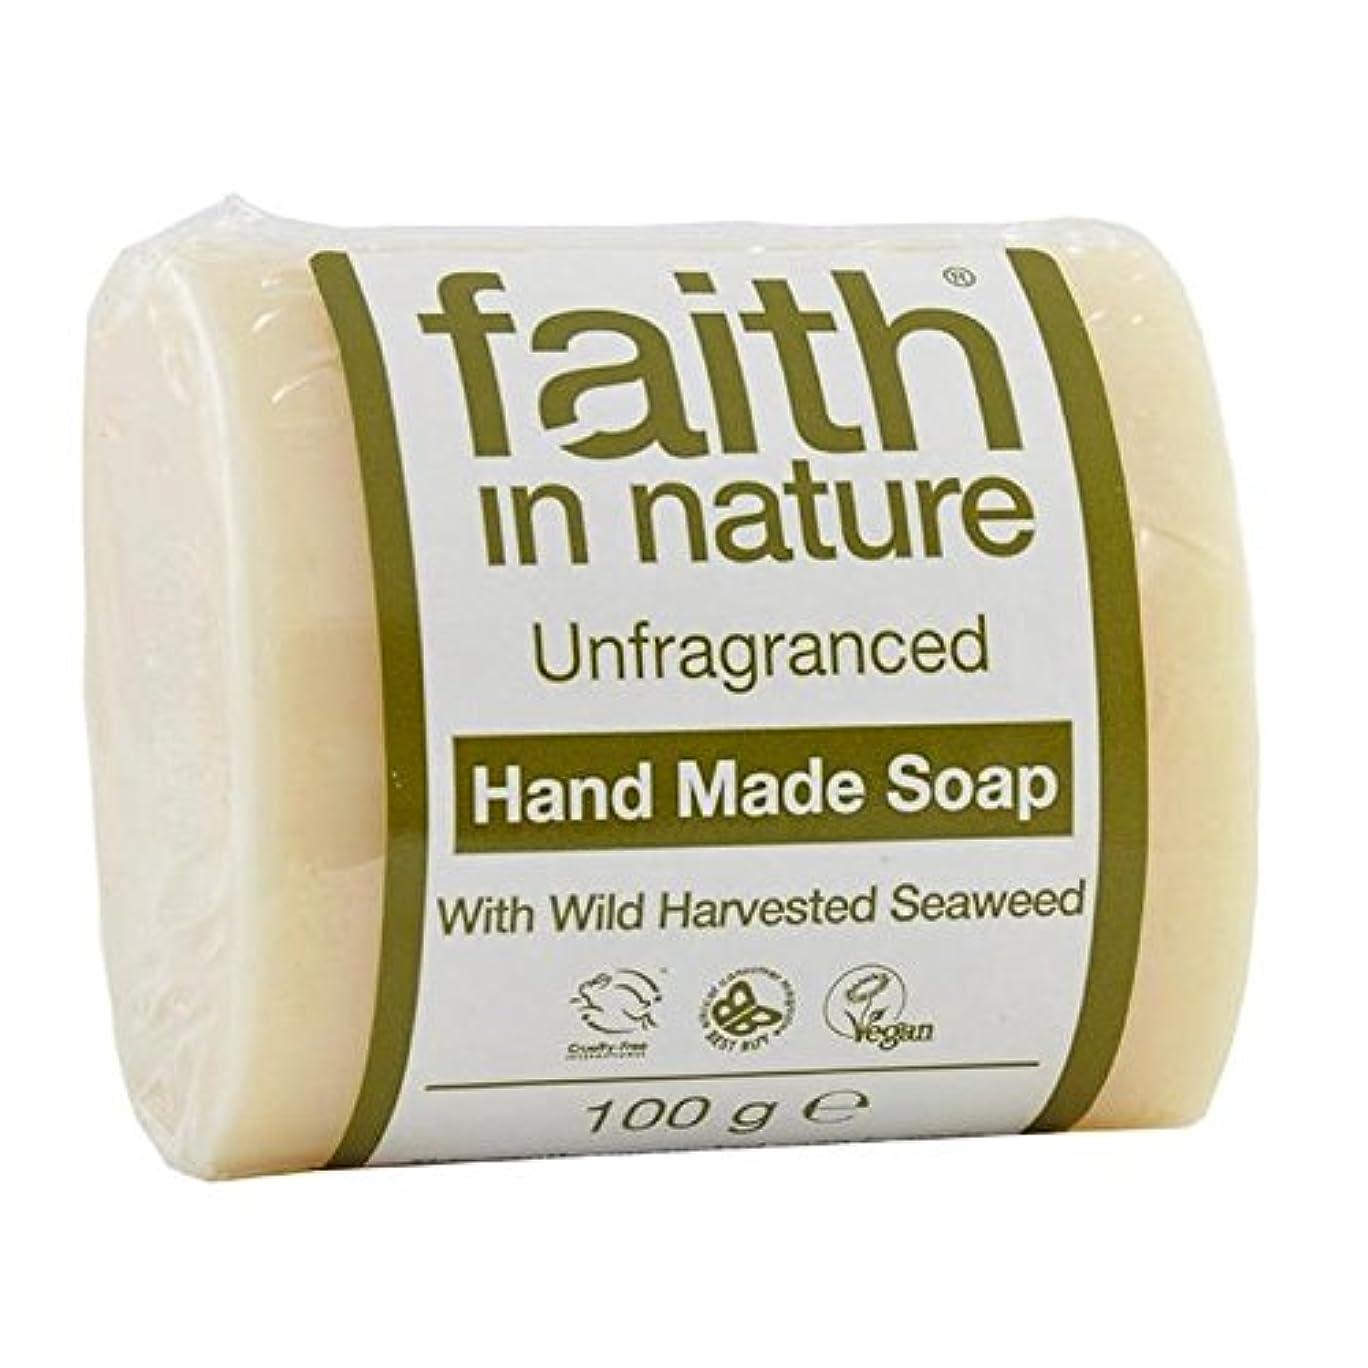 一月石炭道徳のFaith in Nature Unfragranced Pure Hand Made Soap 100g (Pack of 4) - (Faith In Nature) 自然の中で信仰は純粋な手作り石鹸100グラムを無香料 (x4) [並行輸入品]